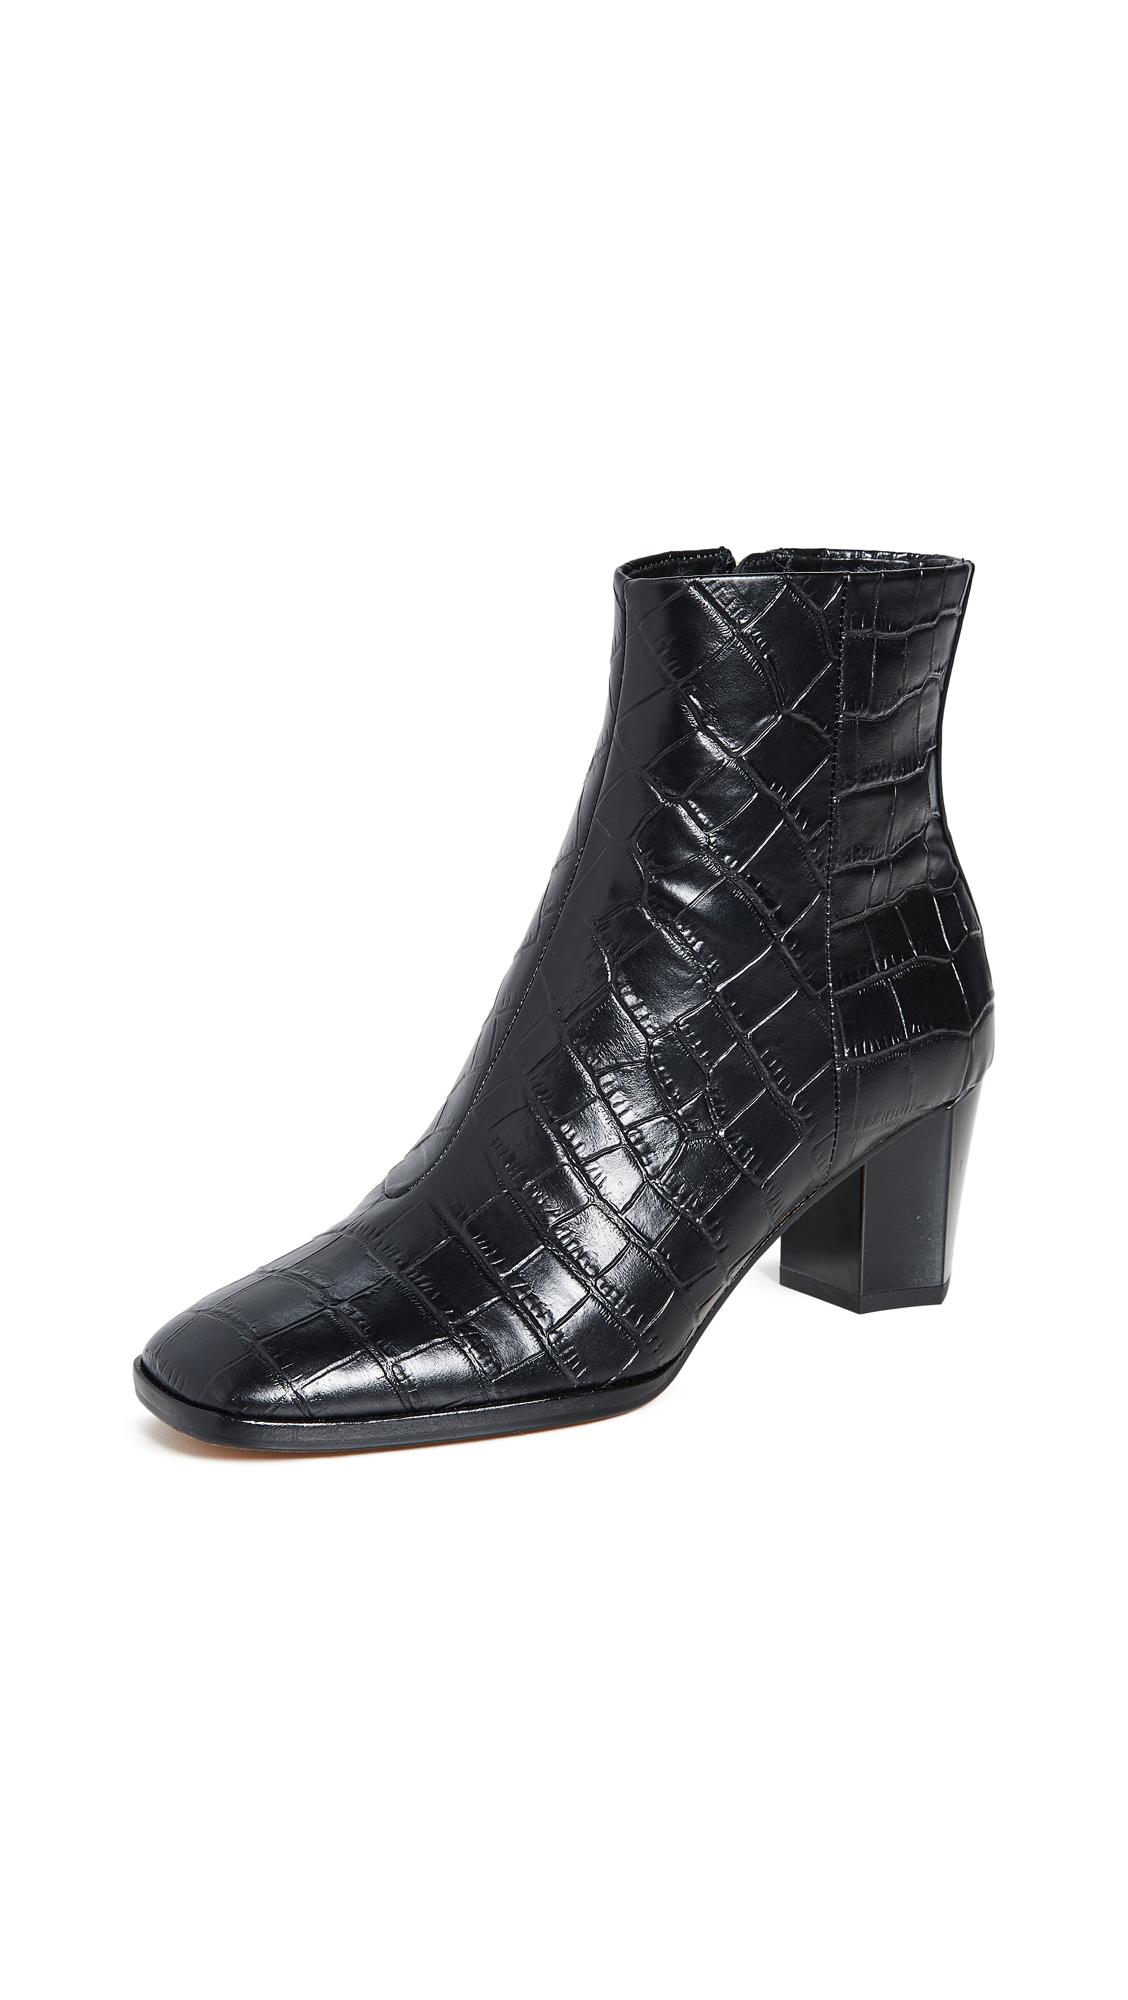 Diane von Furstenberg Thelma Booties – 50% Off Sale